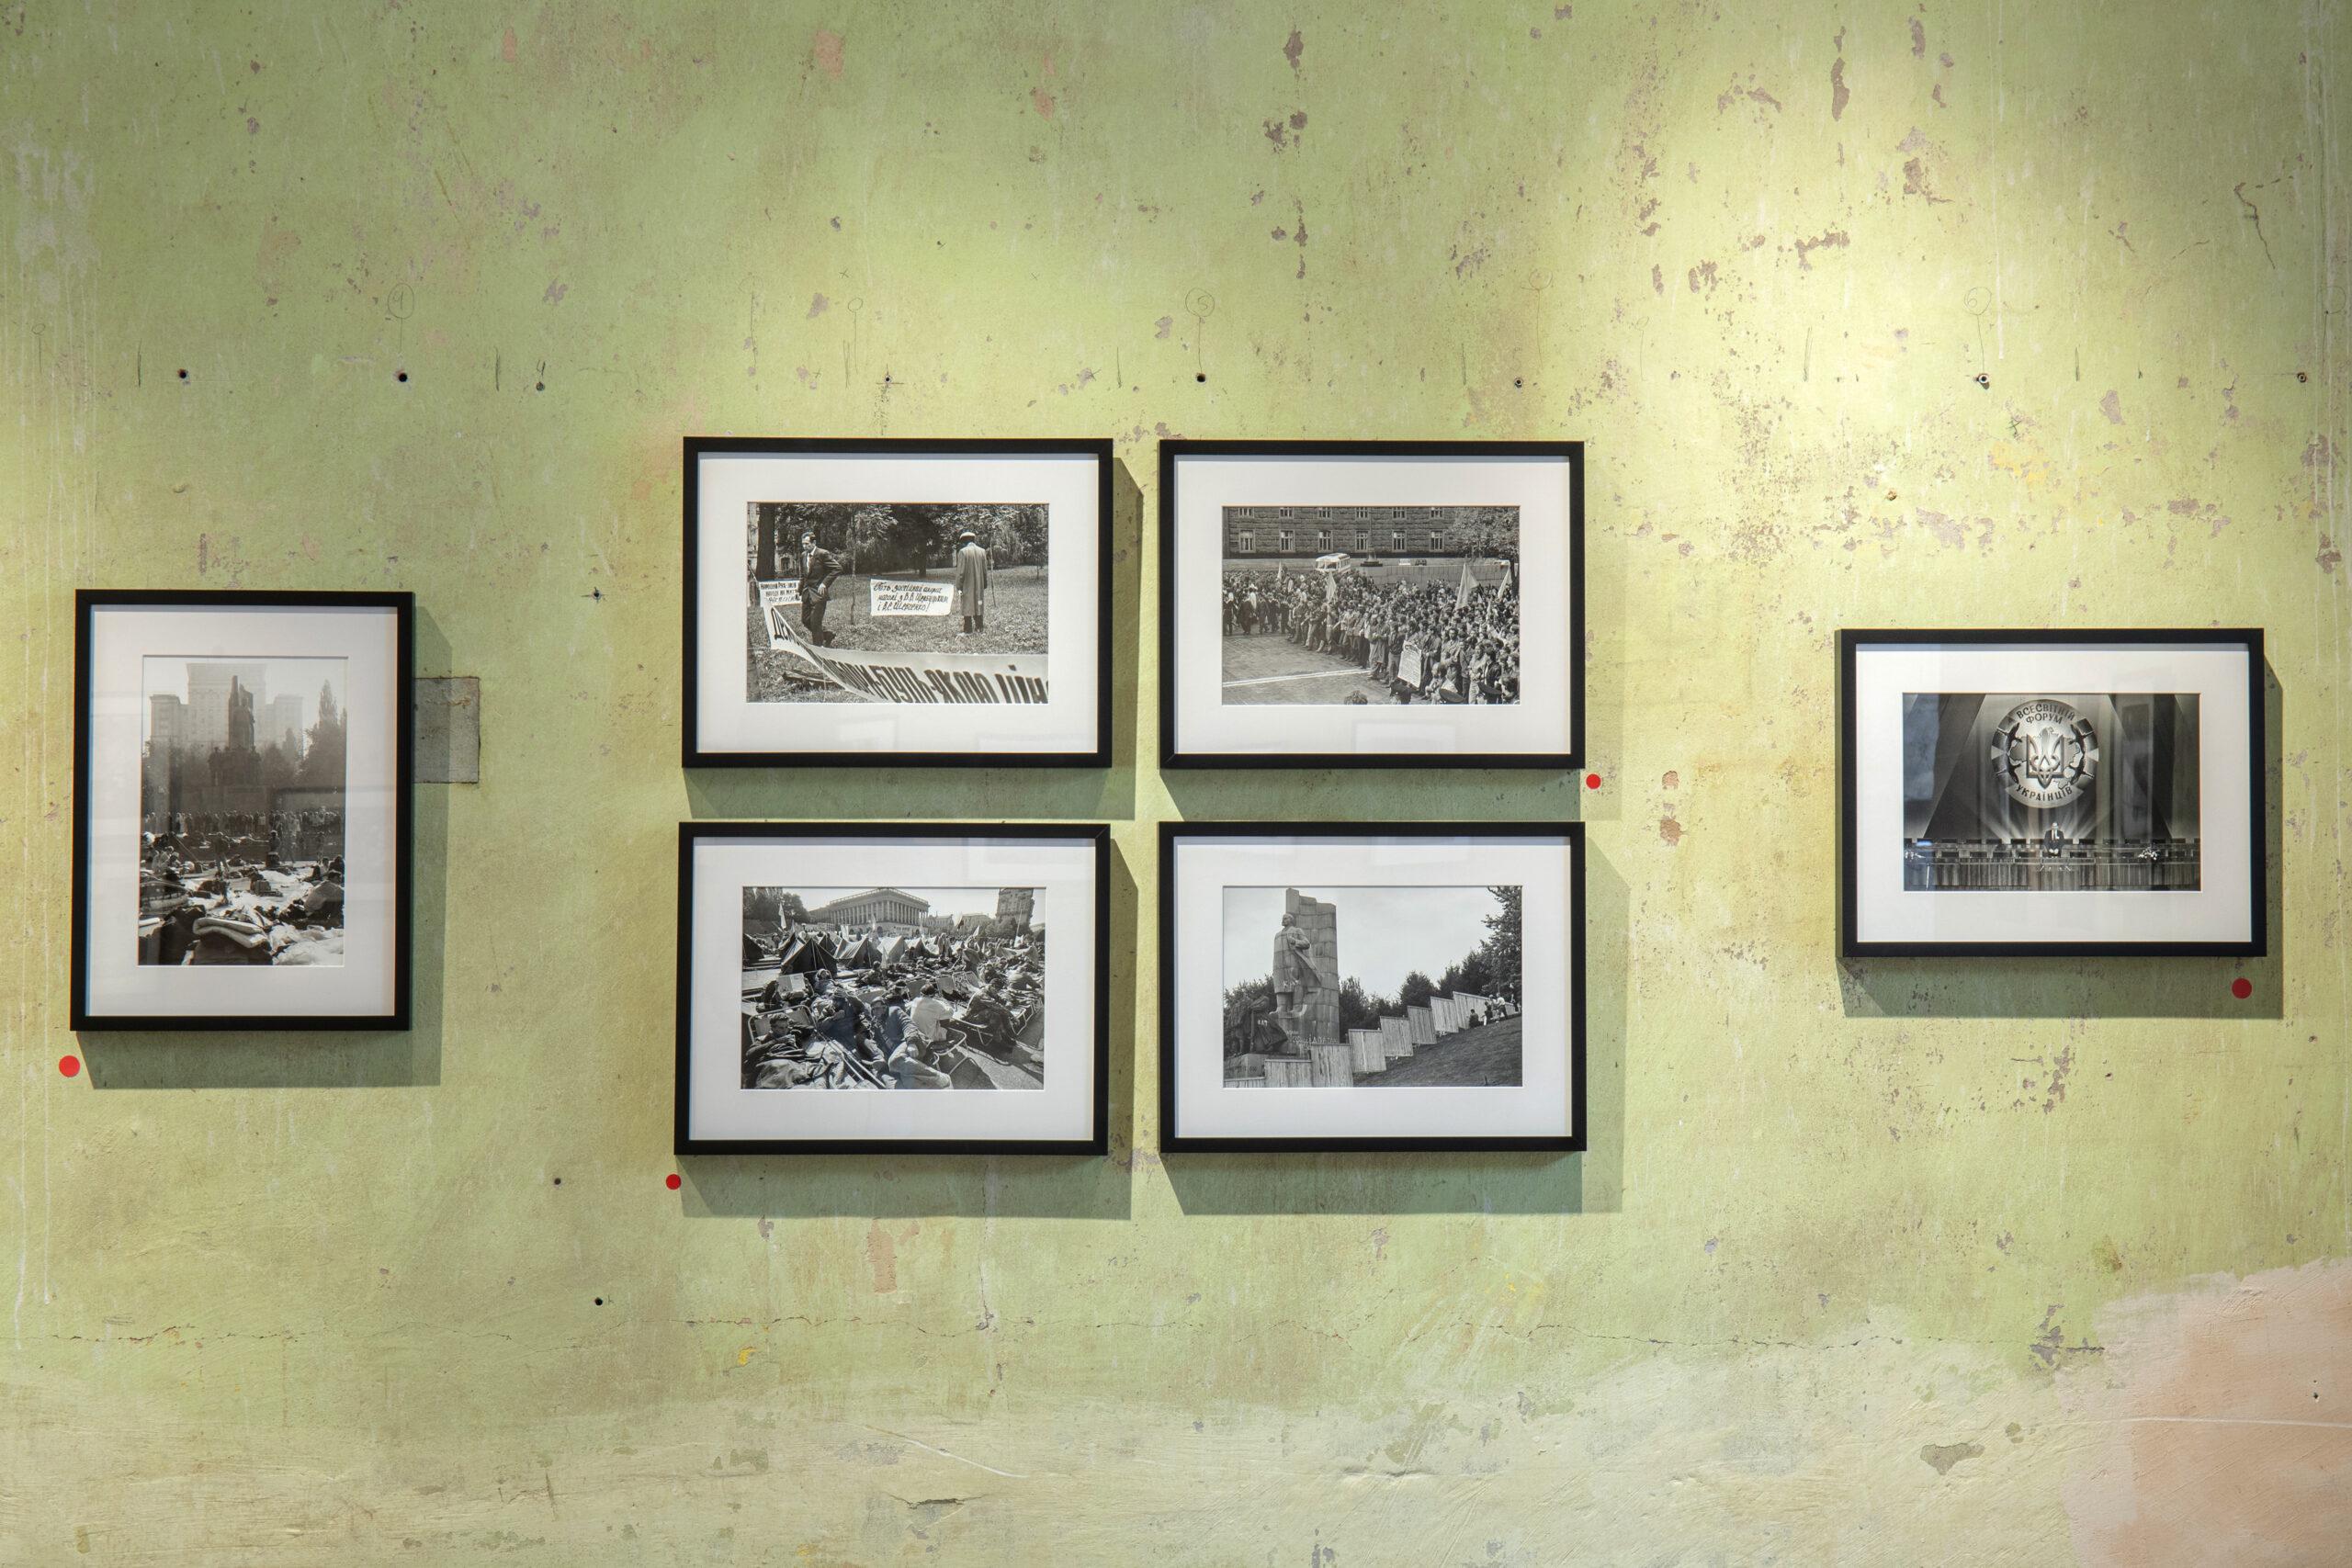 Вигляд експозиції виставки Віктора Марущенка у The Naked Room. Фото: Євген Нікіфоров